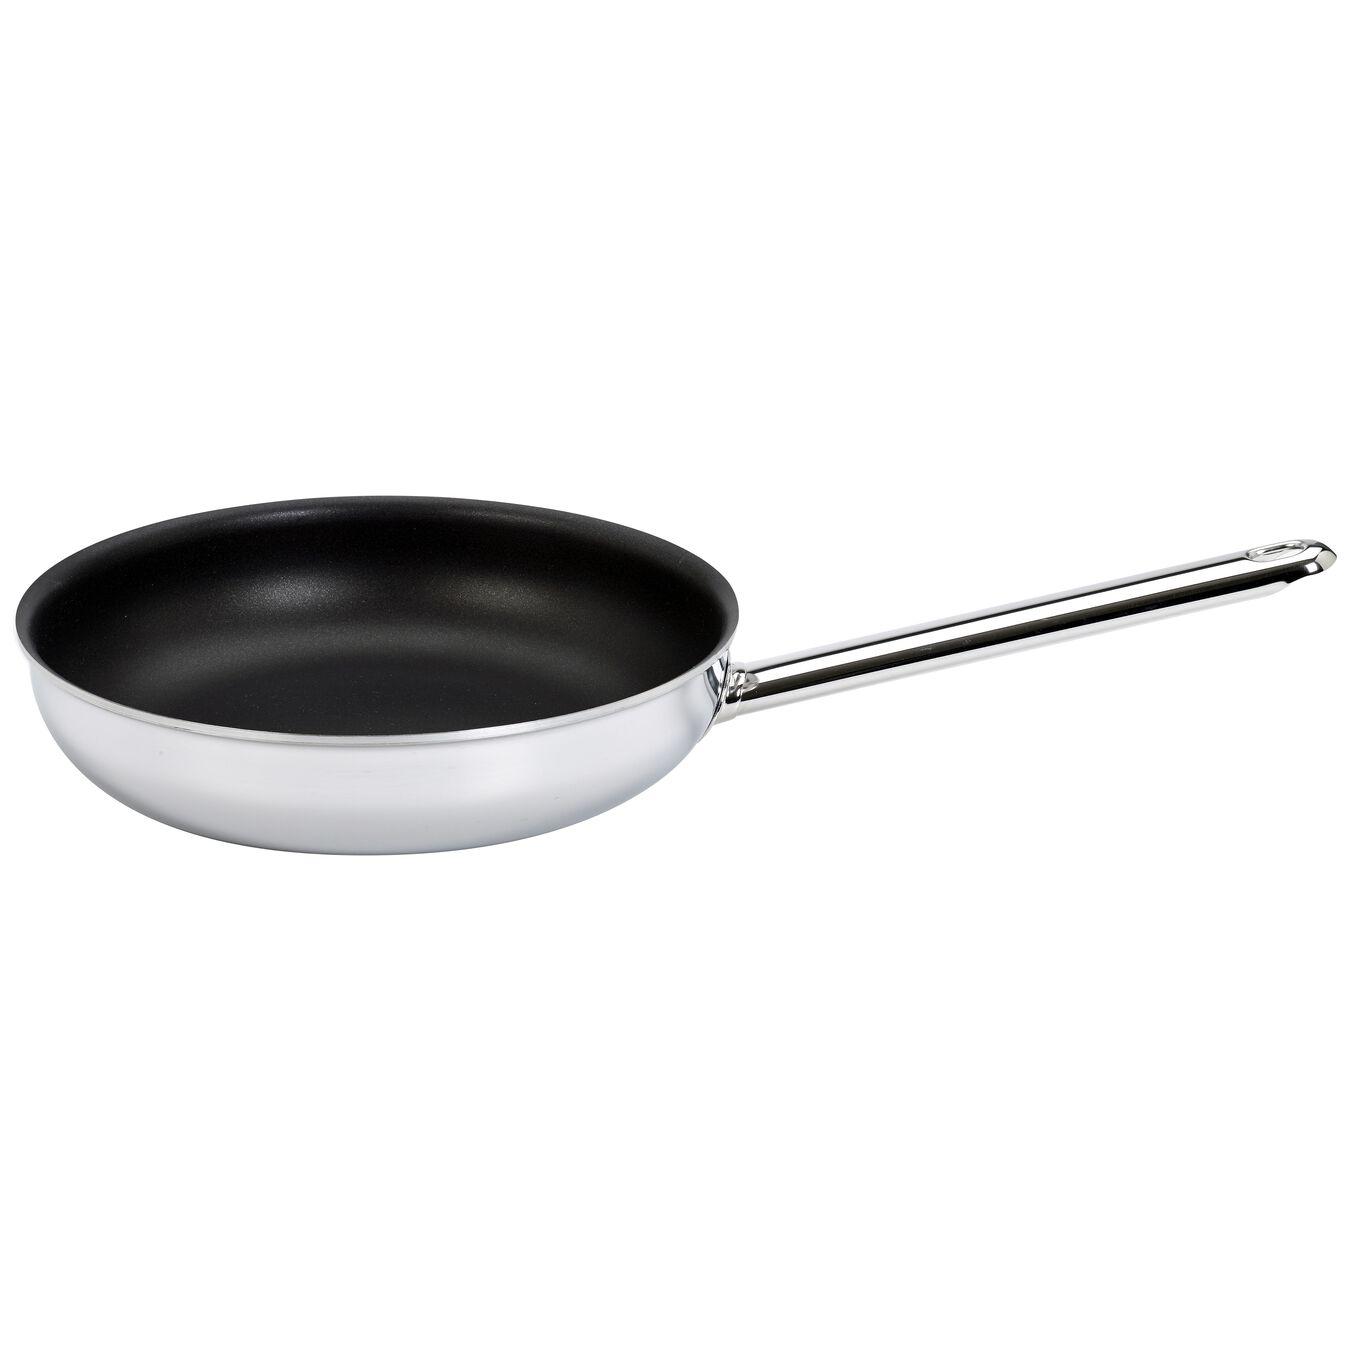 Poêle 24 cm, Inox 18/10, Silver-Black,,large 1